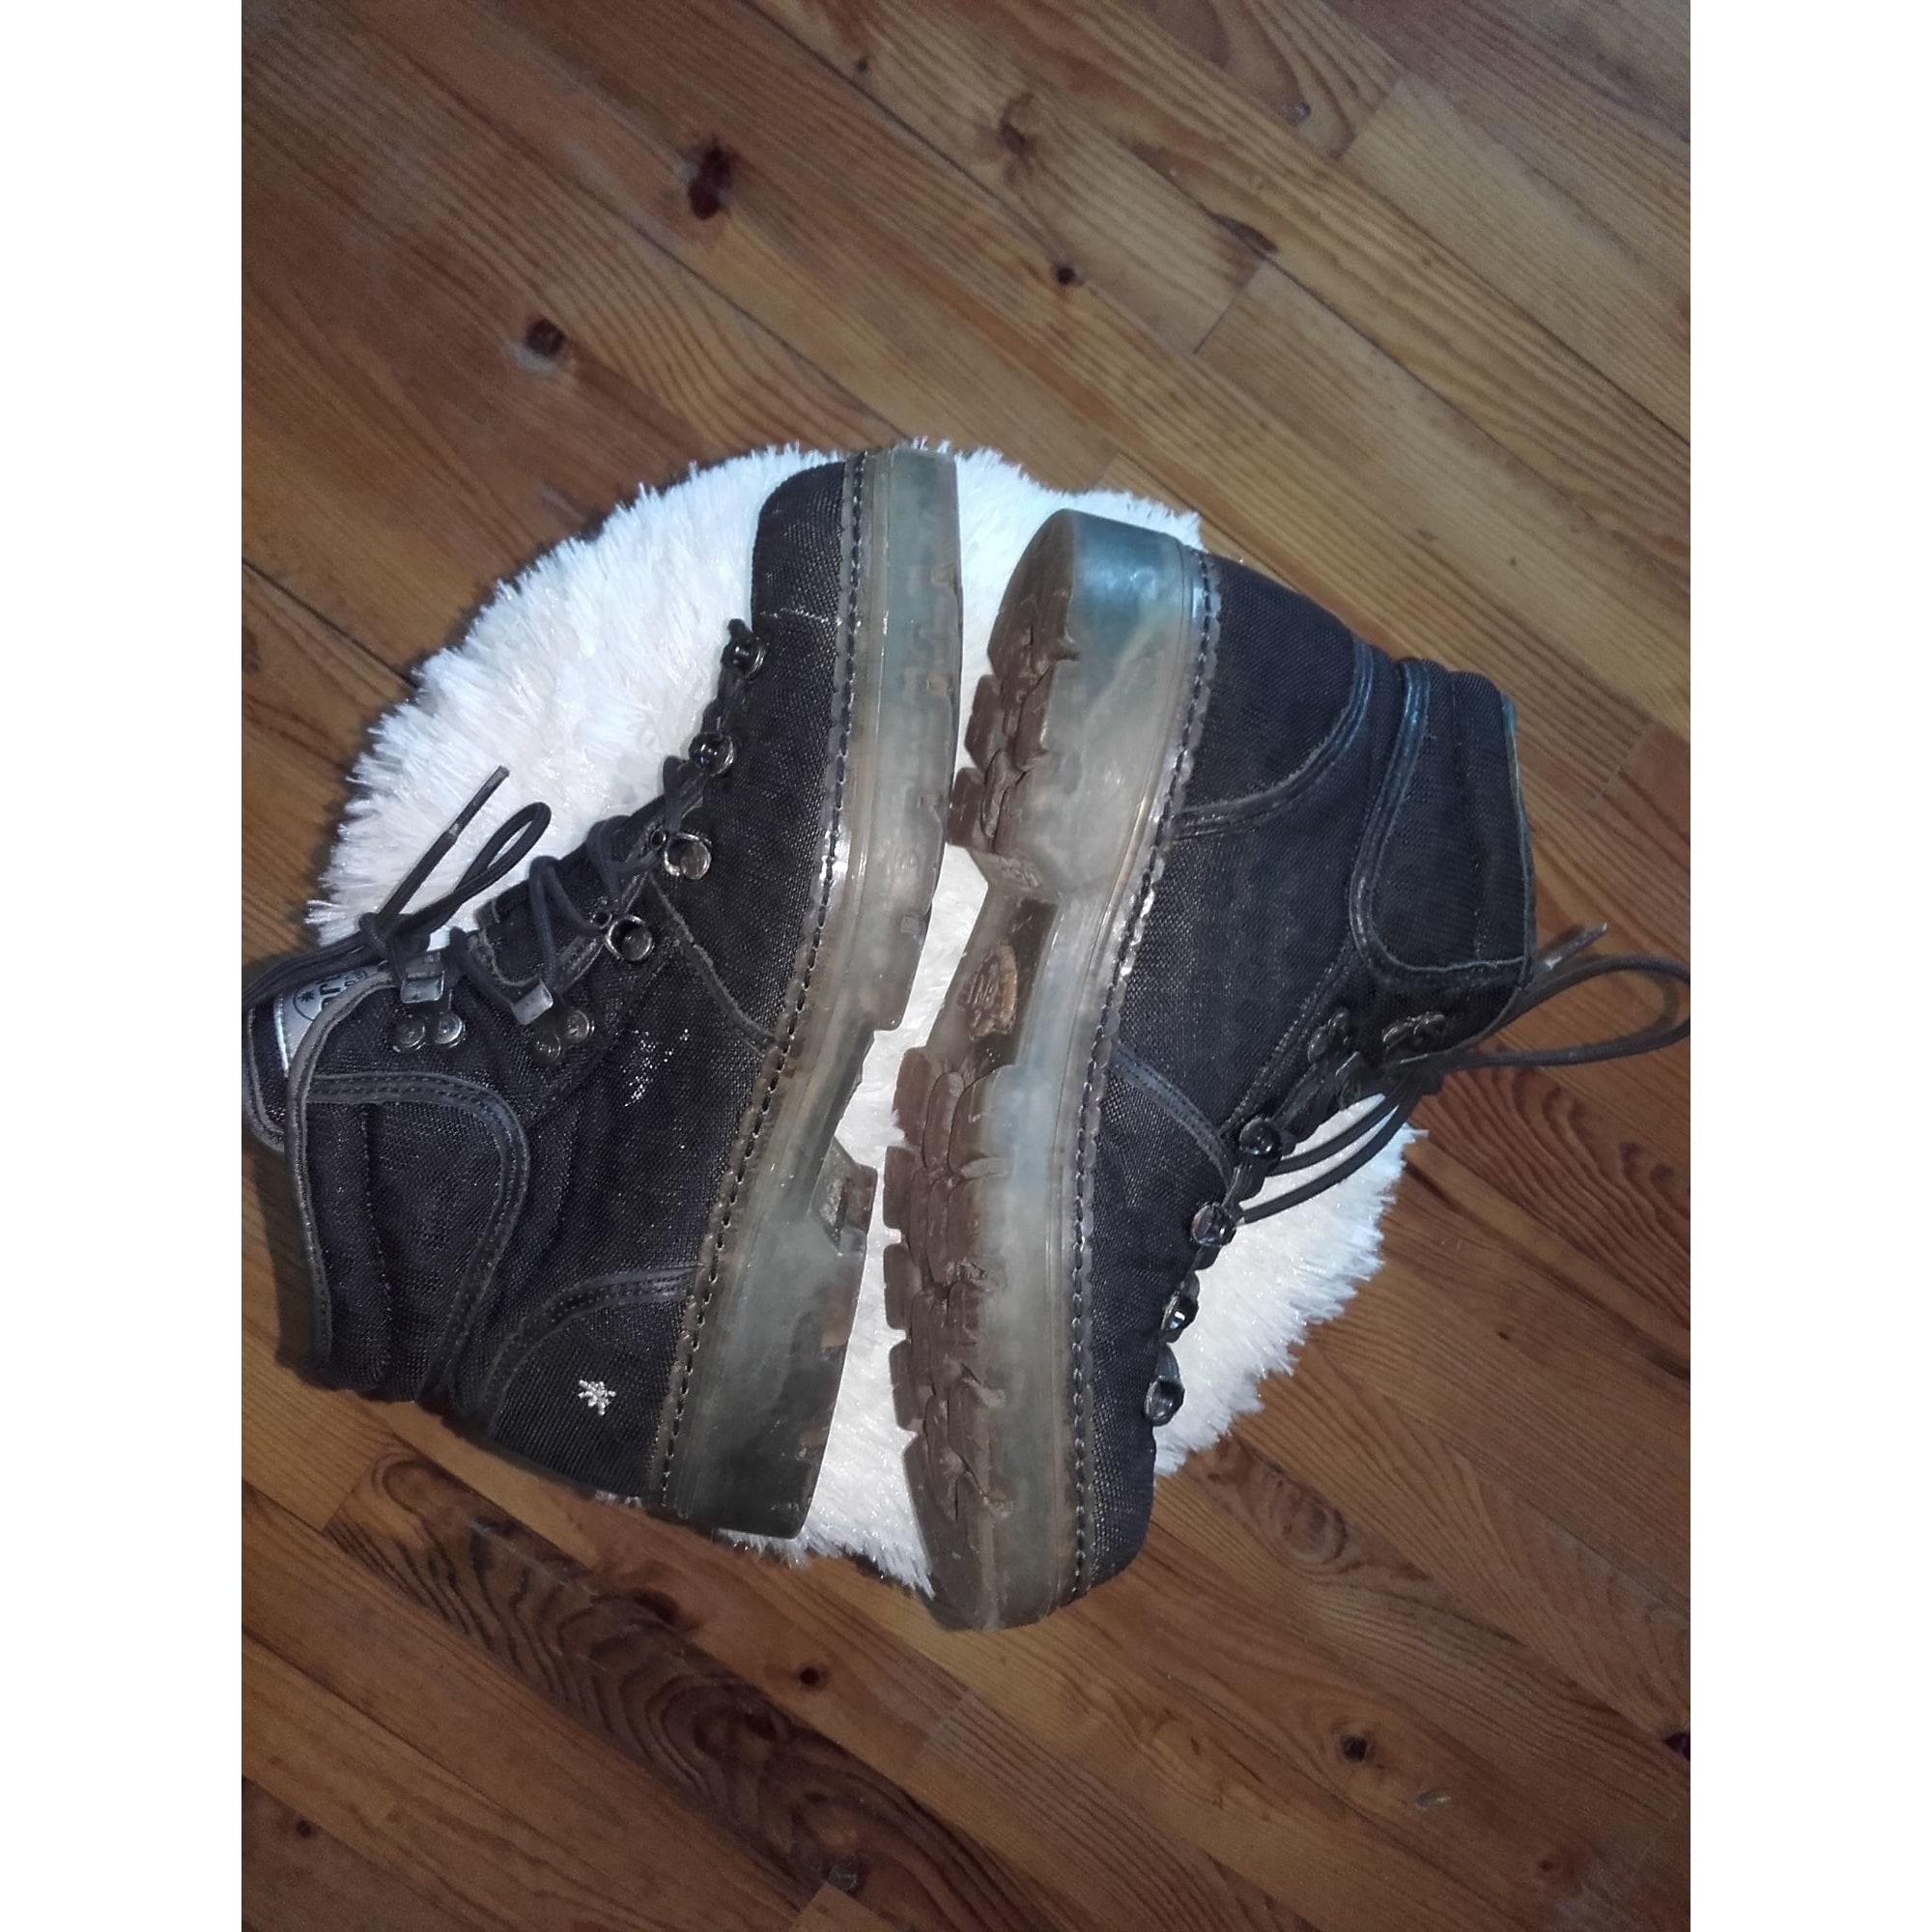 Bottines & low boots plates ART Noir